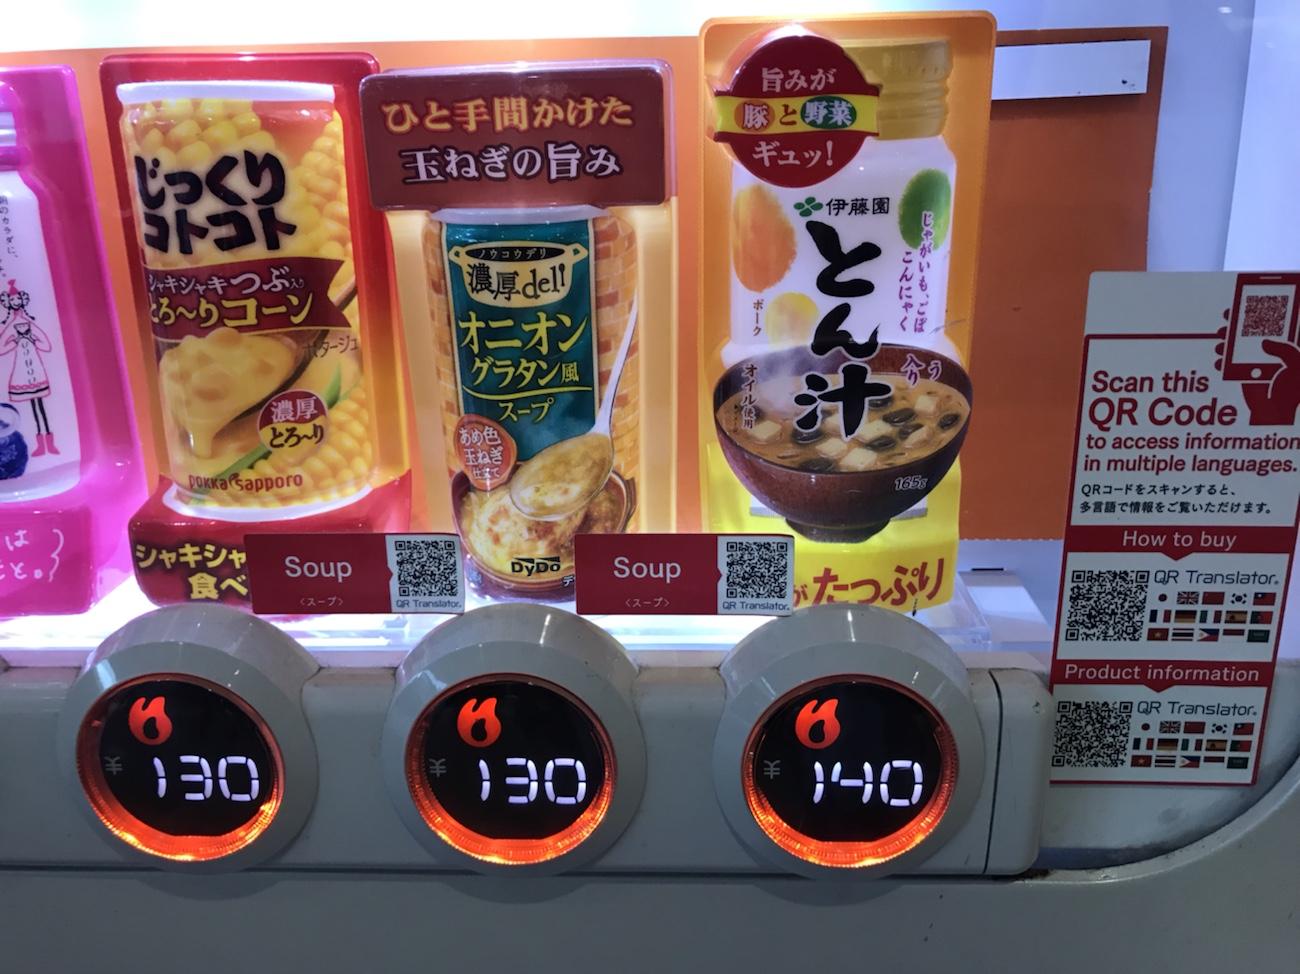 伊藤園とん汁 豚汁が並ぶ自動販売機